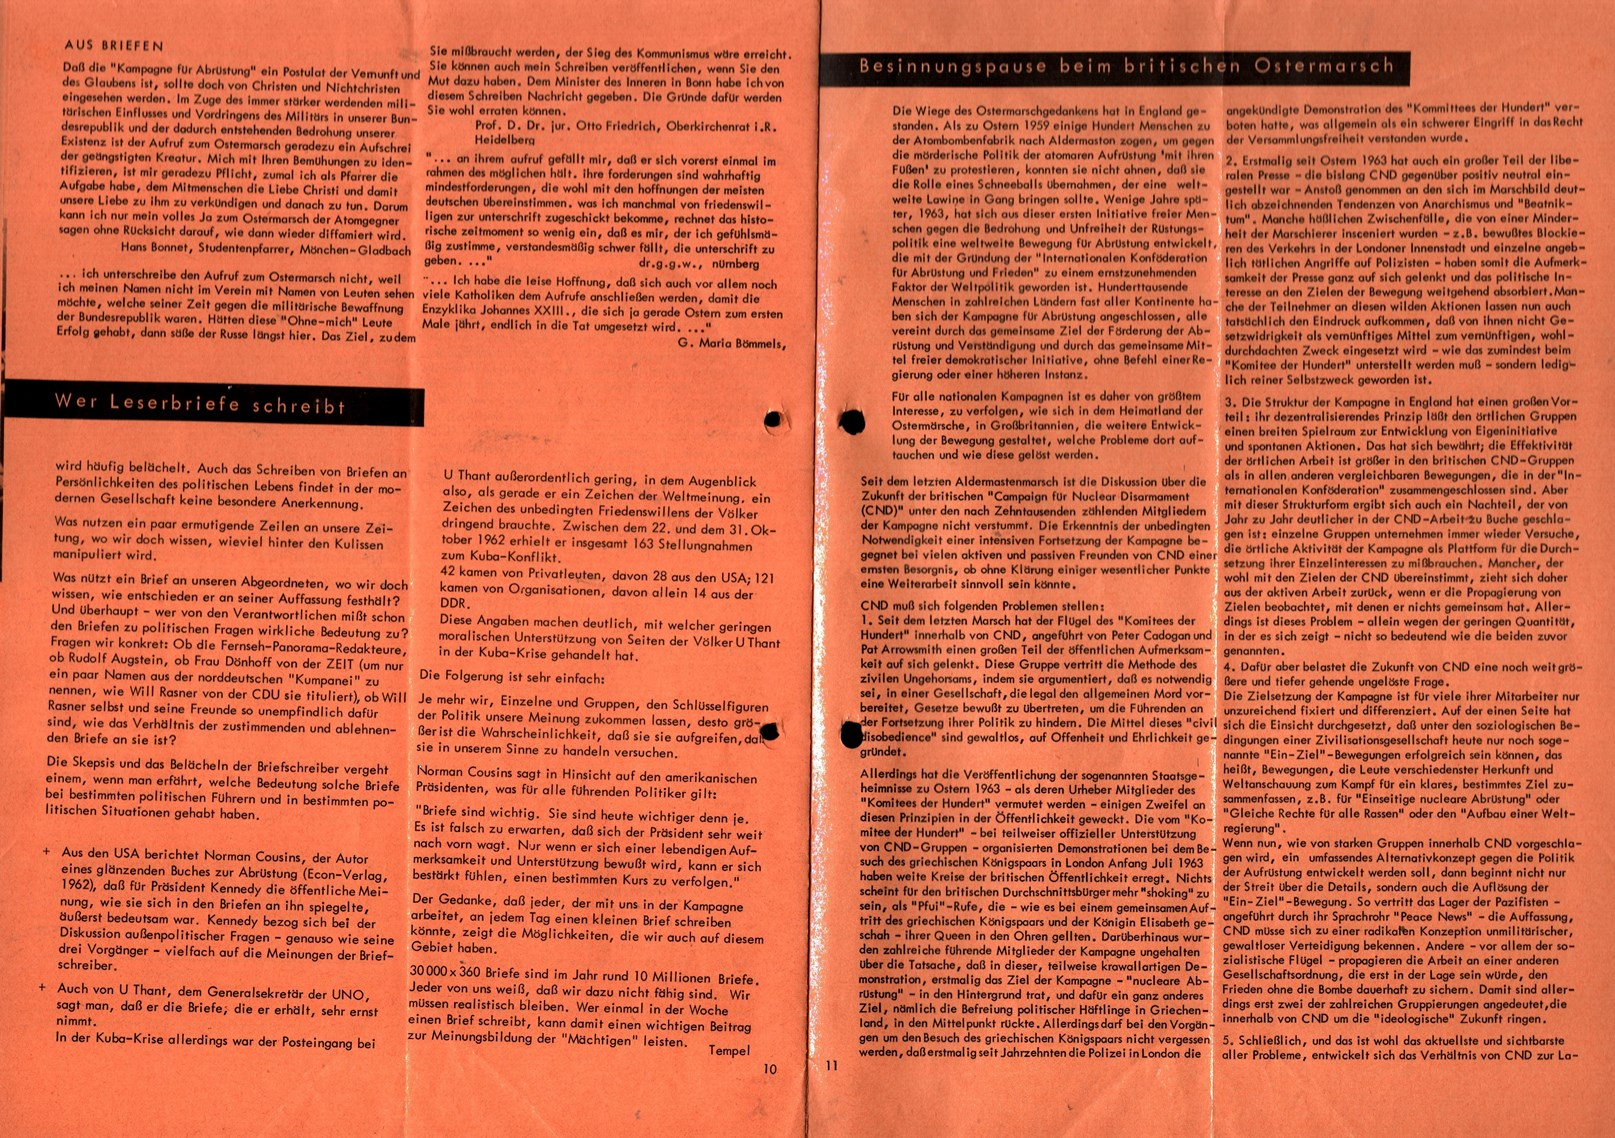 Infos_zur_Abruestung_1964_007_008_006